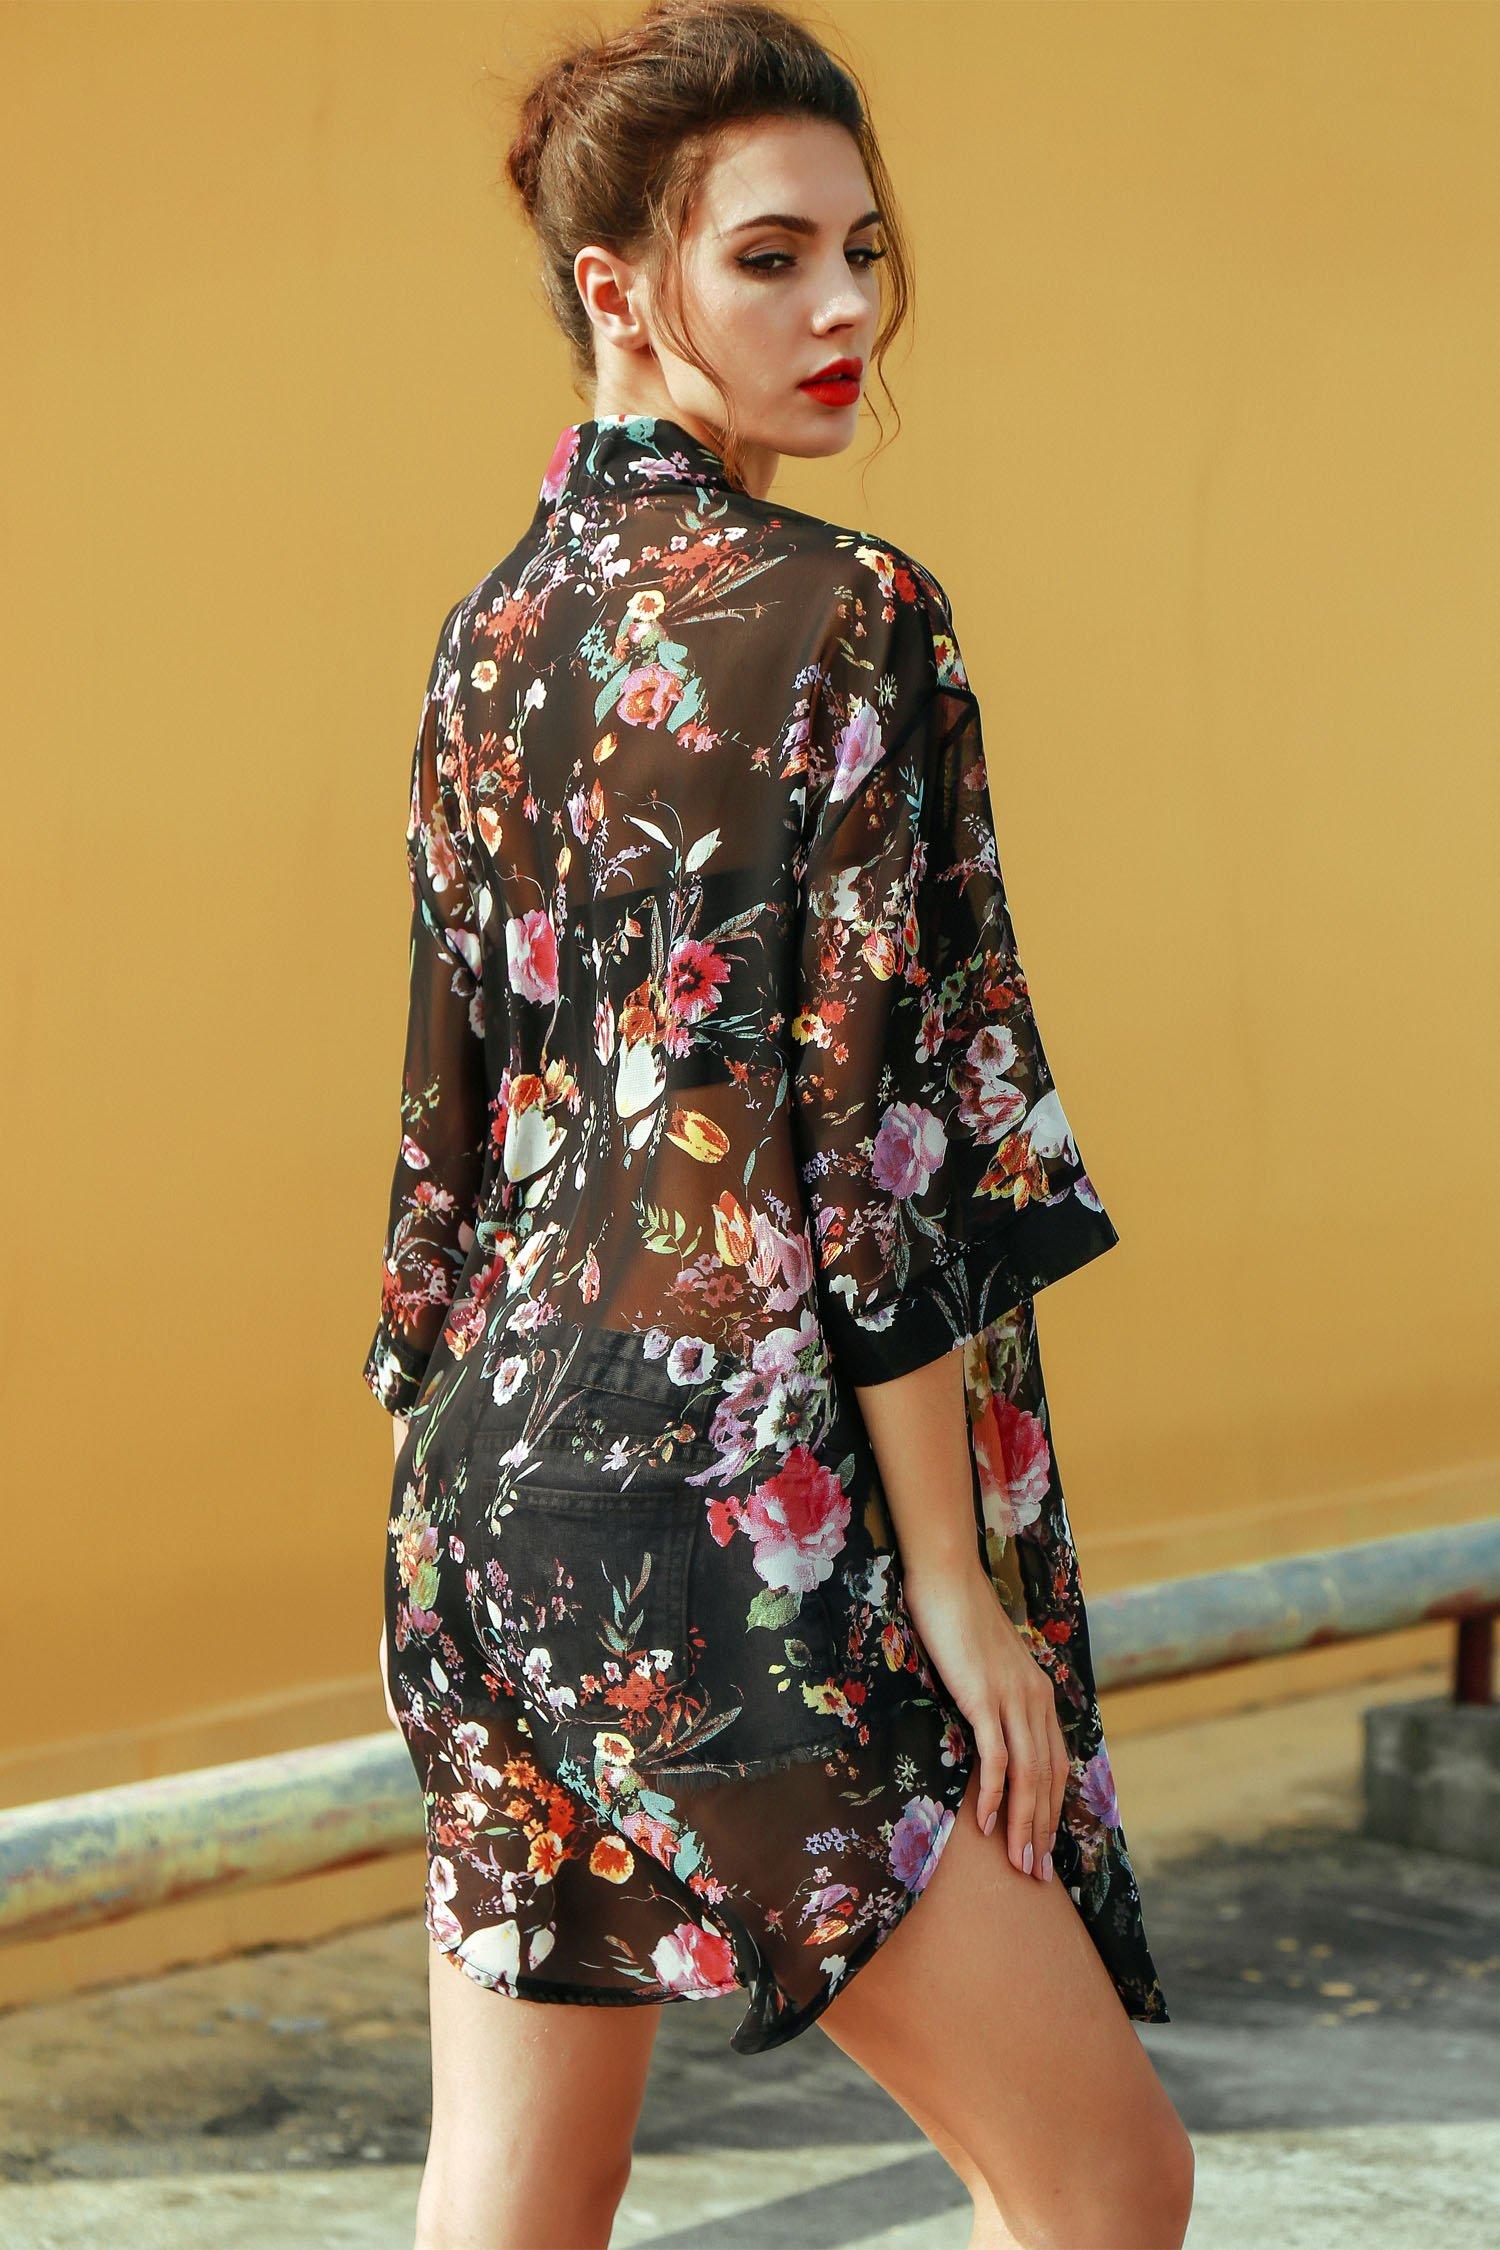 BLUETIME Women's 3/4 Sleeve Floral High Low Chiffon Kimono Cardigan Blouse (M, Black) by BLUETIME (Image #6)